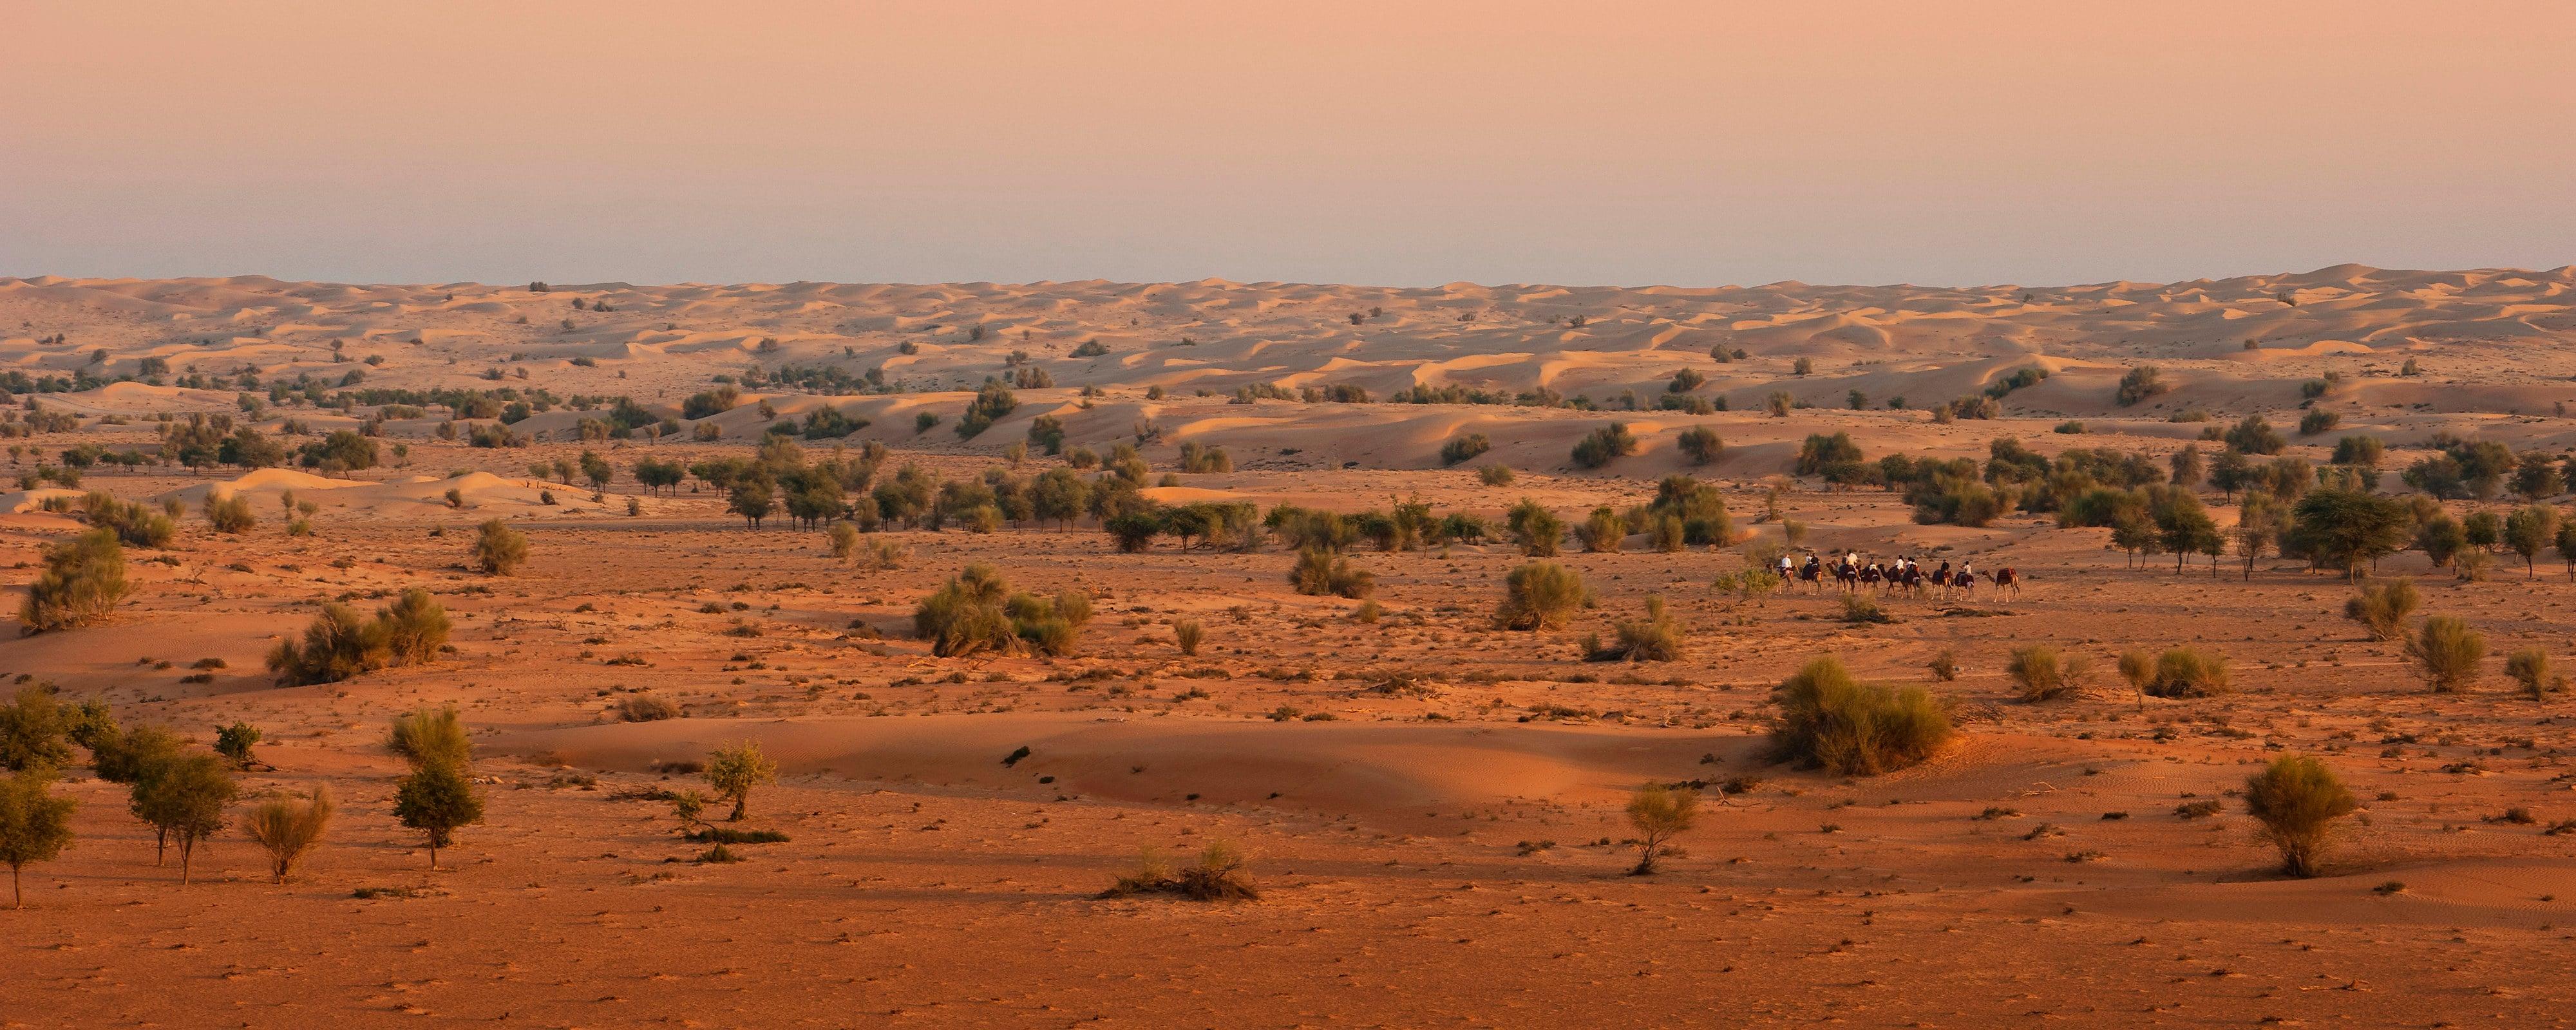 外観-砂漠の眺め